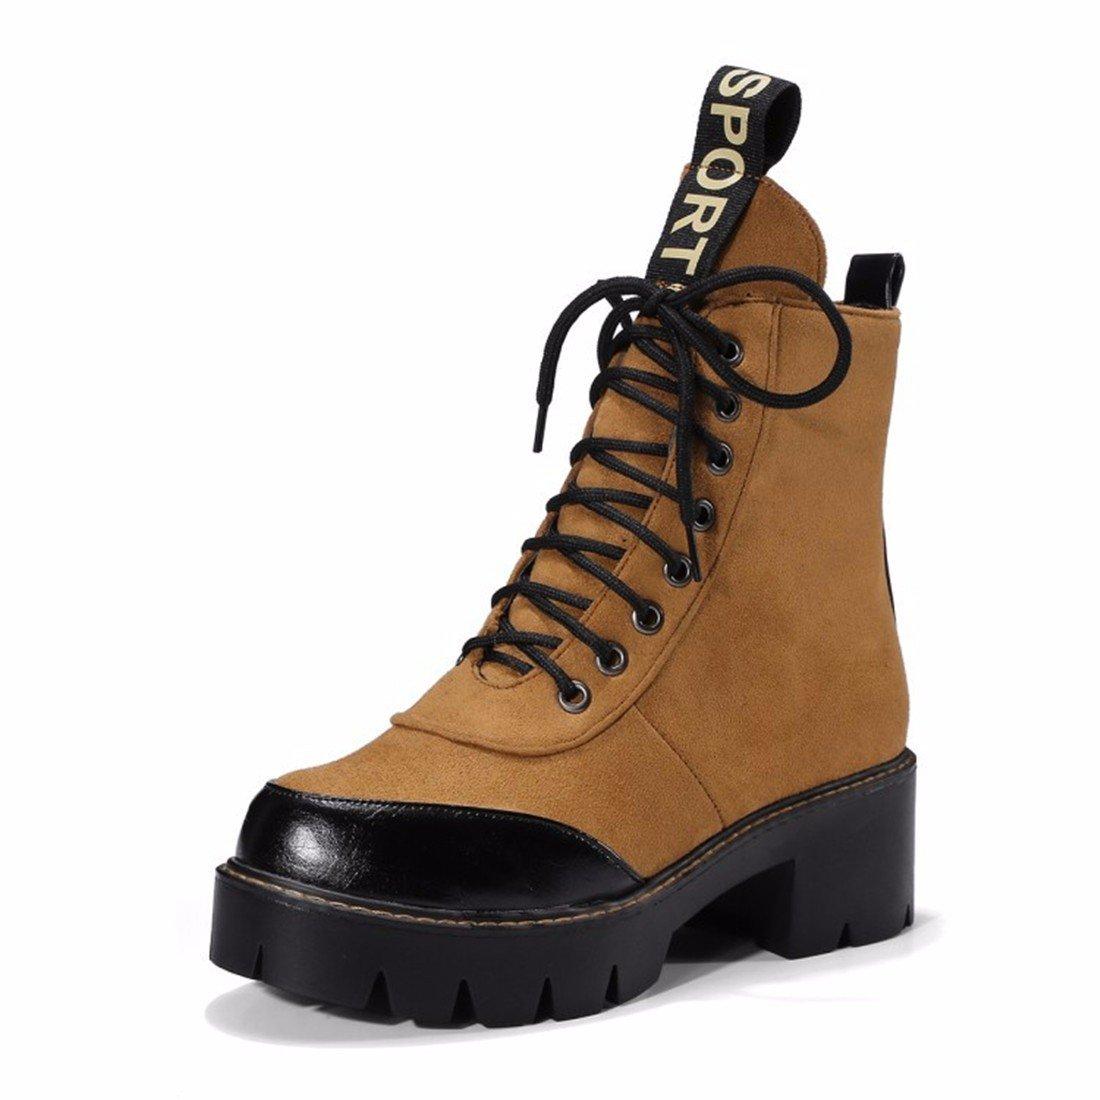 Otoño e Invierno ocio Martin botas, grandes soles, grandes patios, encajes ups y botas cortas,amarillo,38 US7.5 / EU38 / UK5.5 / CN38